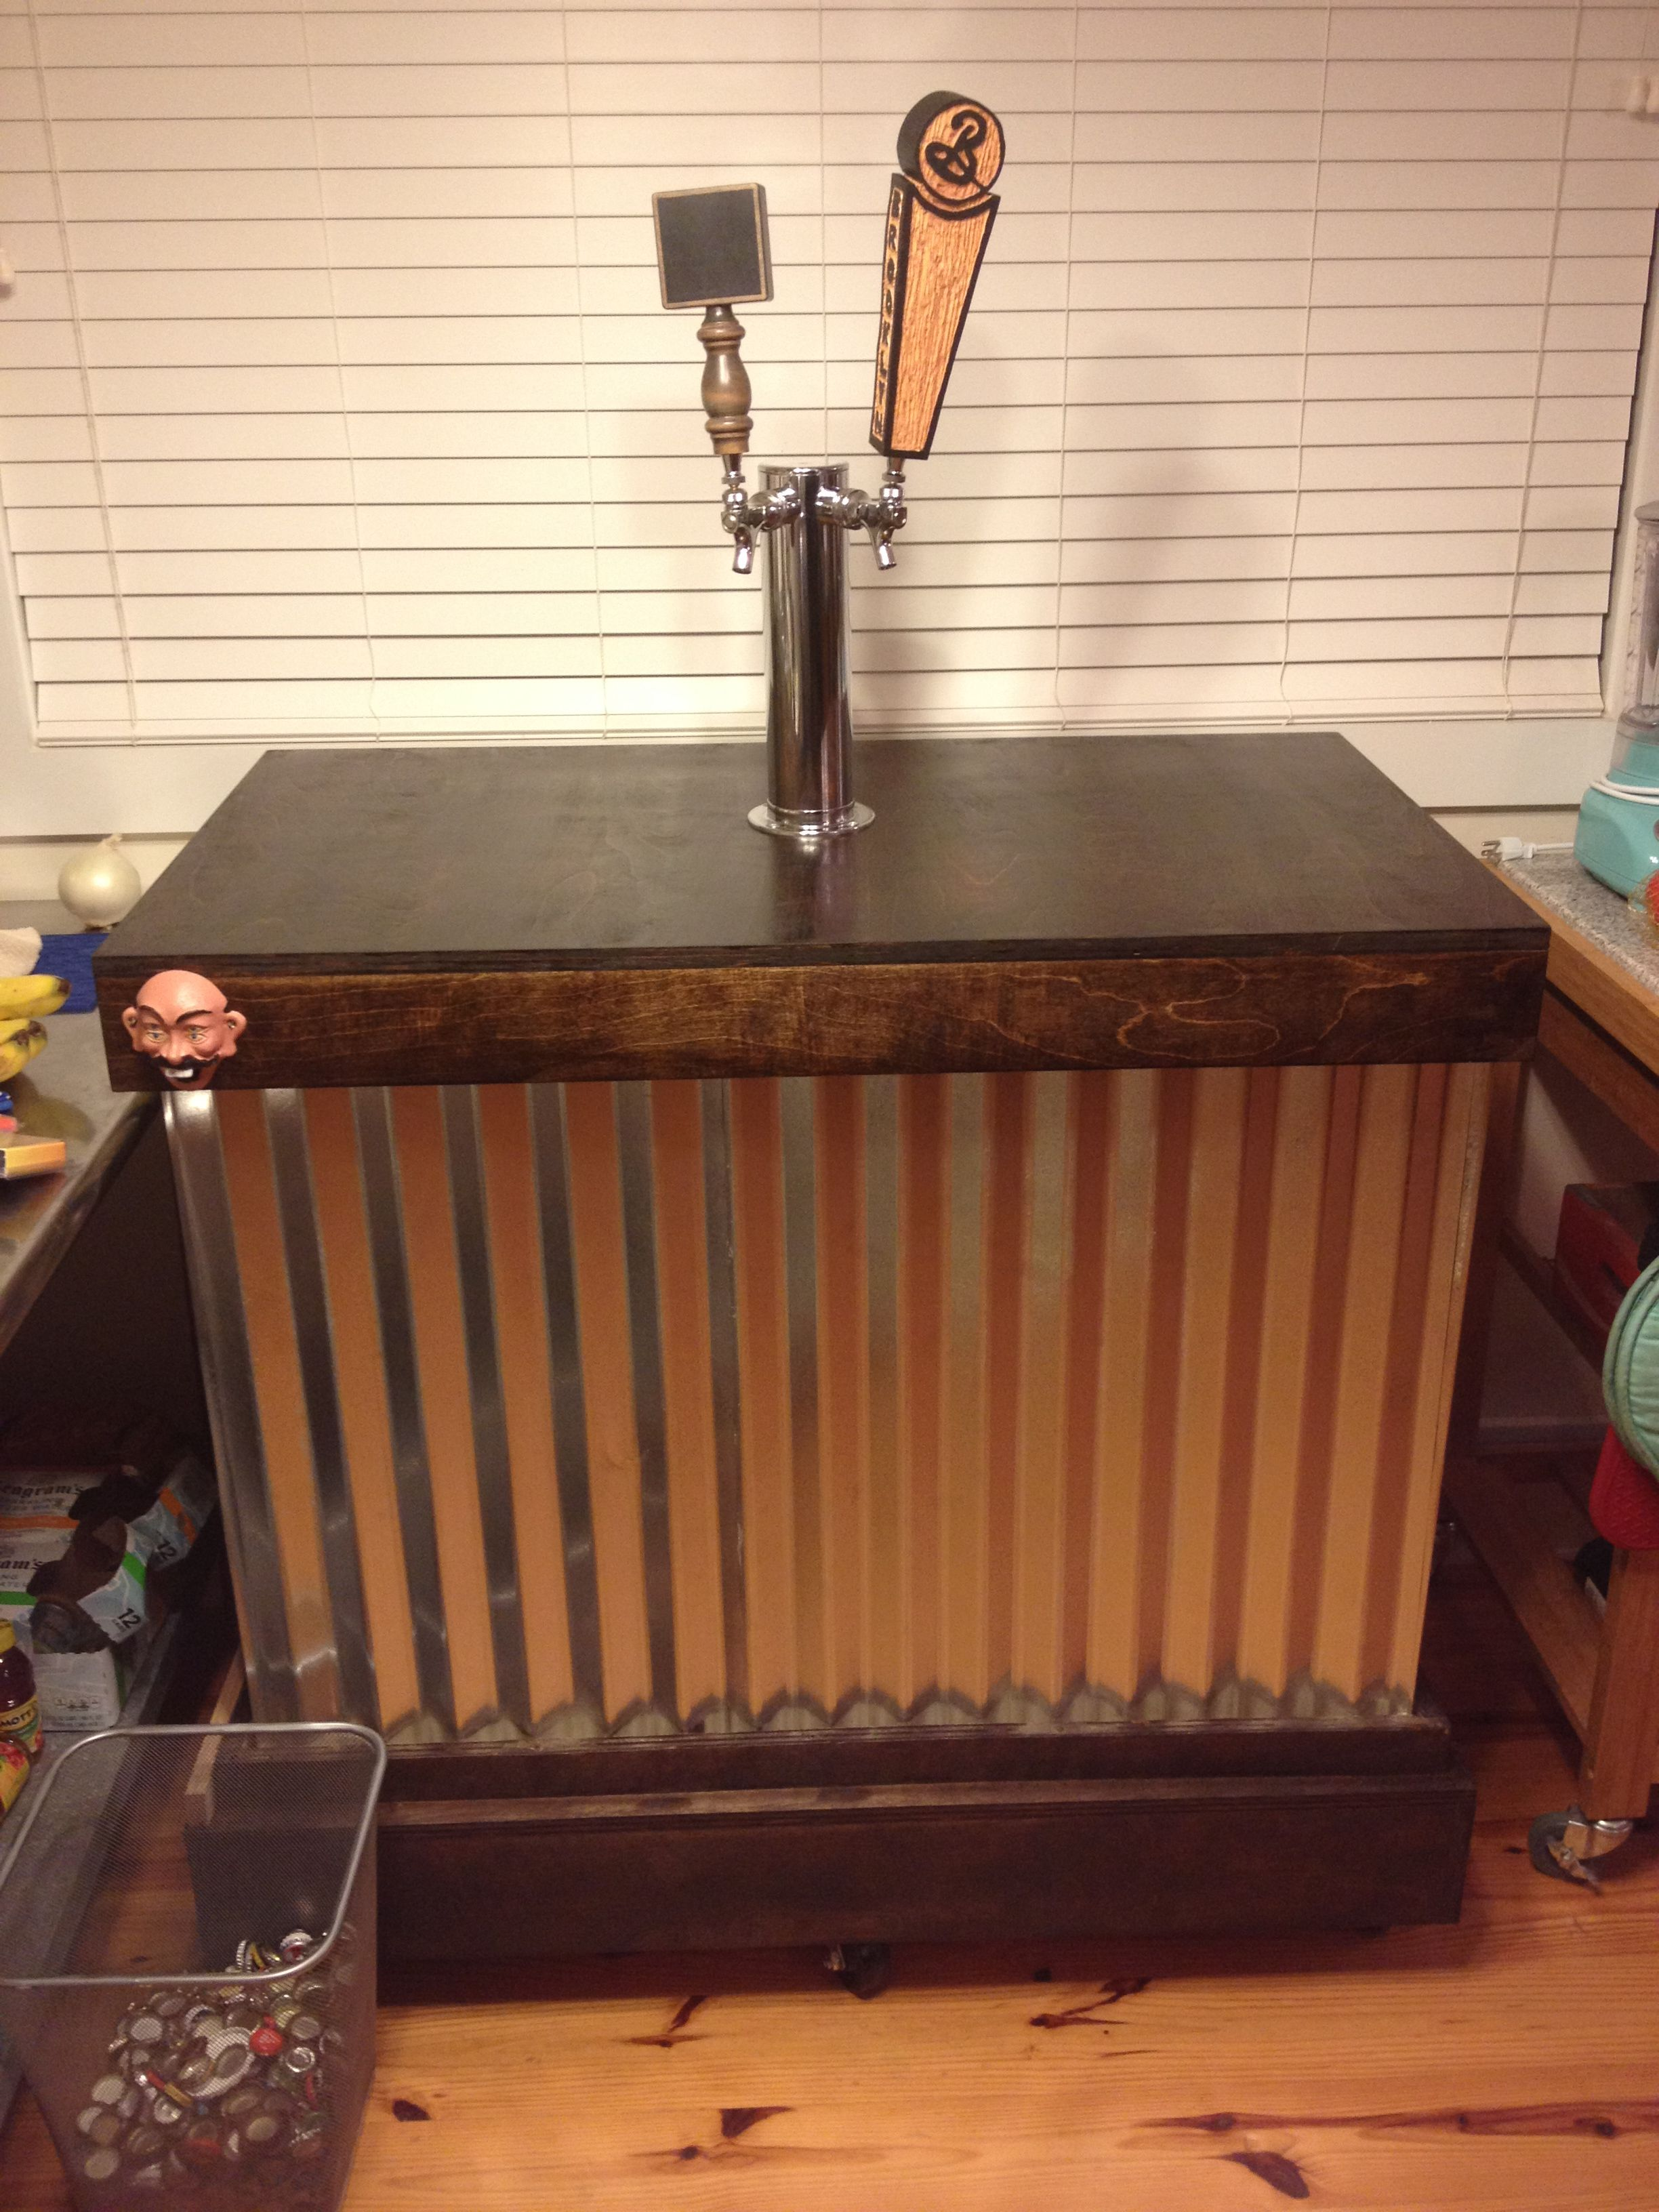 DIY Kegerator Bar